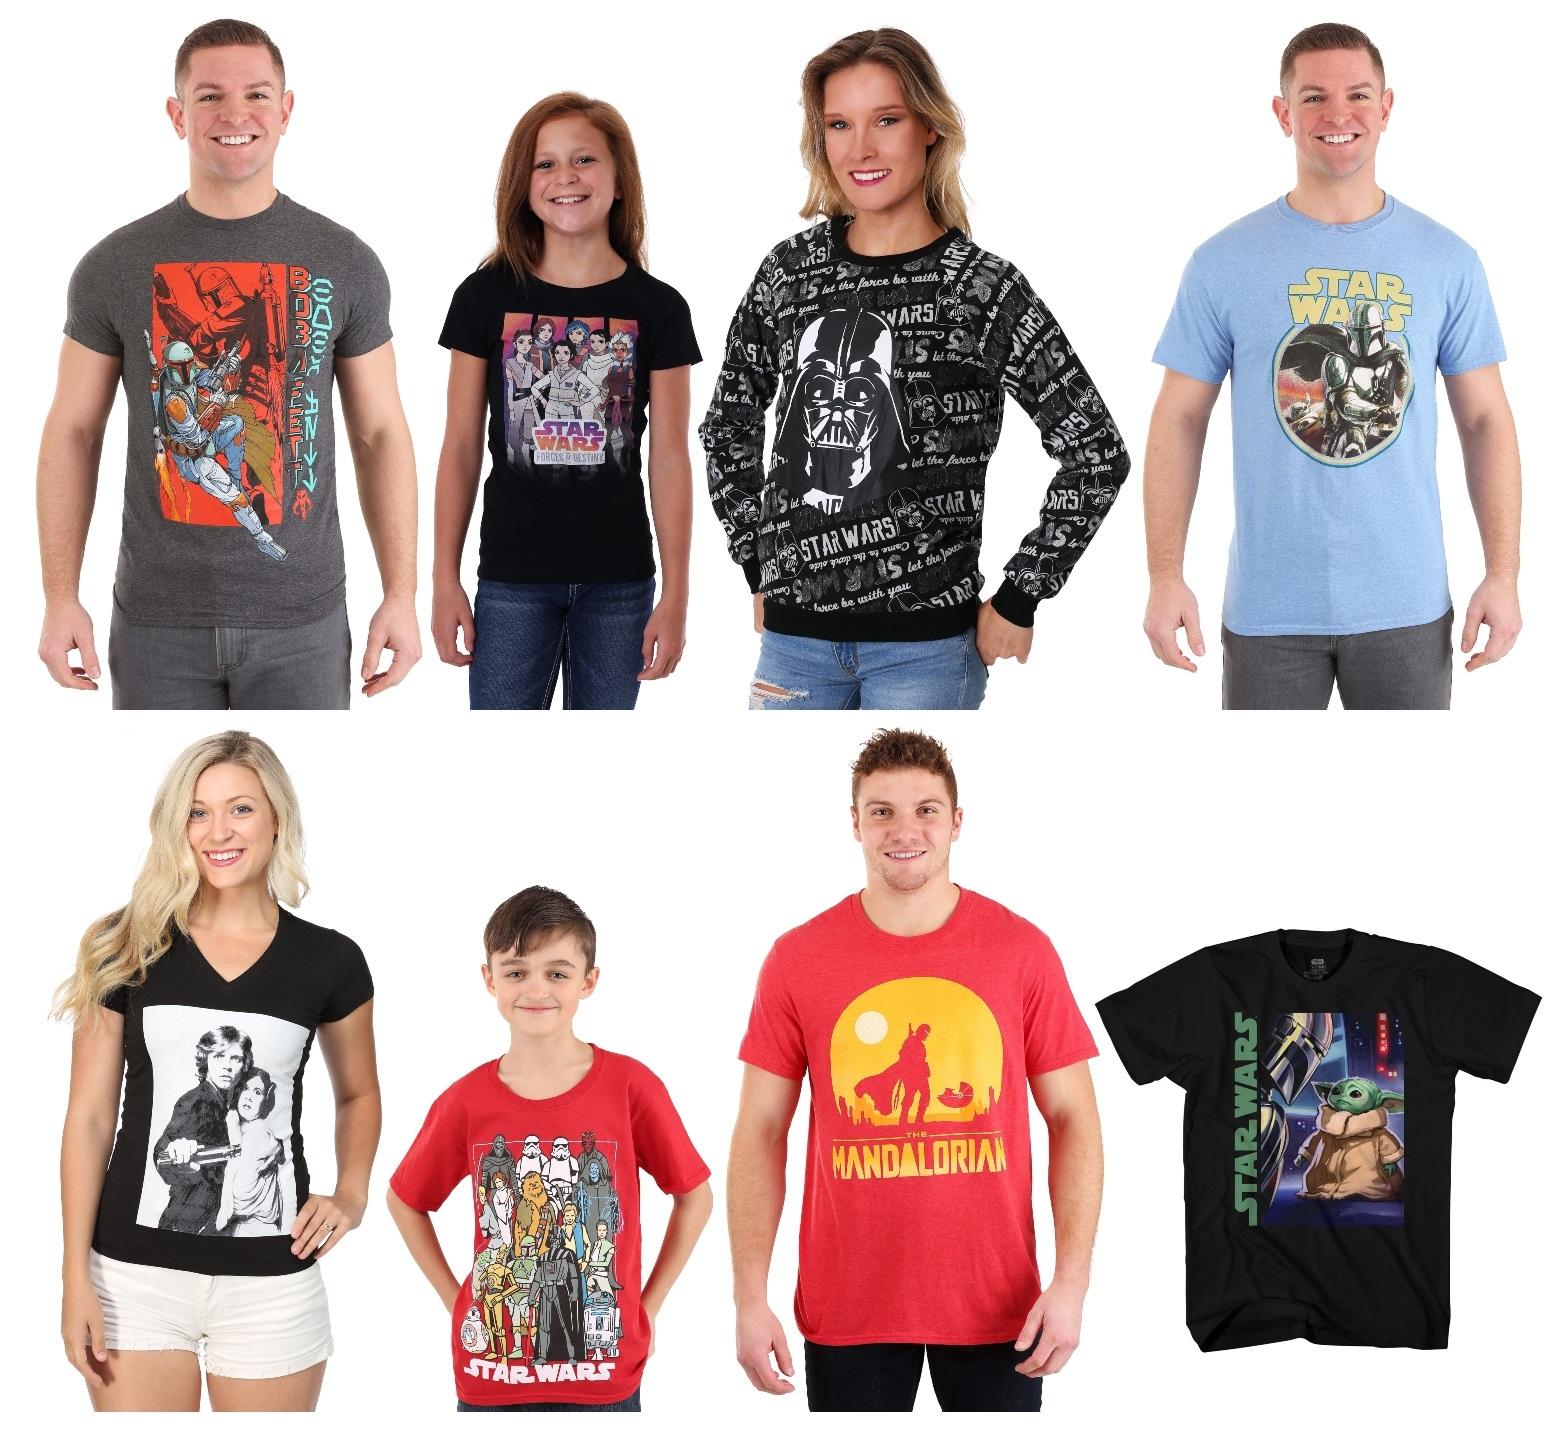 Star Wars Shirts & Tops